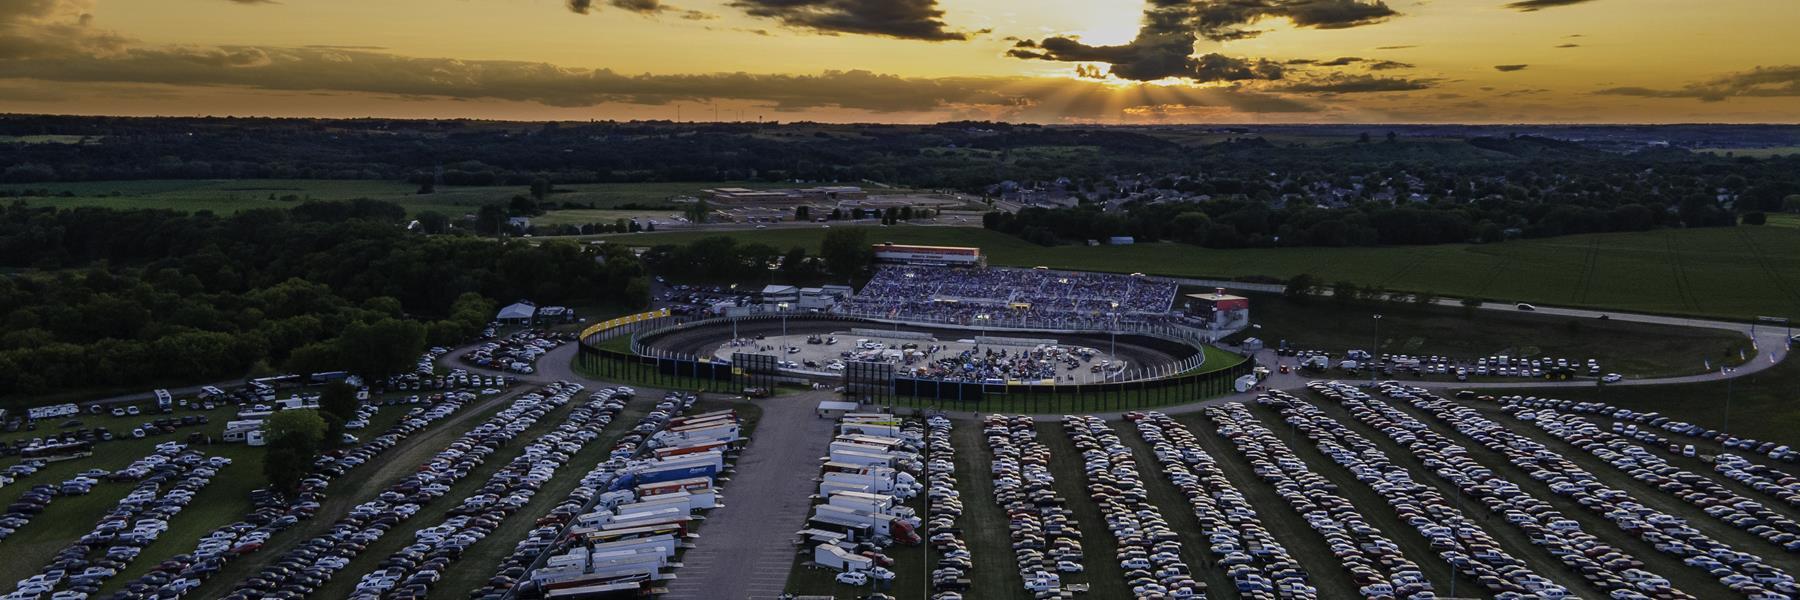 9/11/2021 - Huset's Speedway